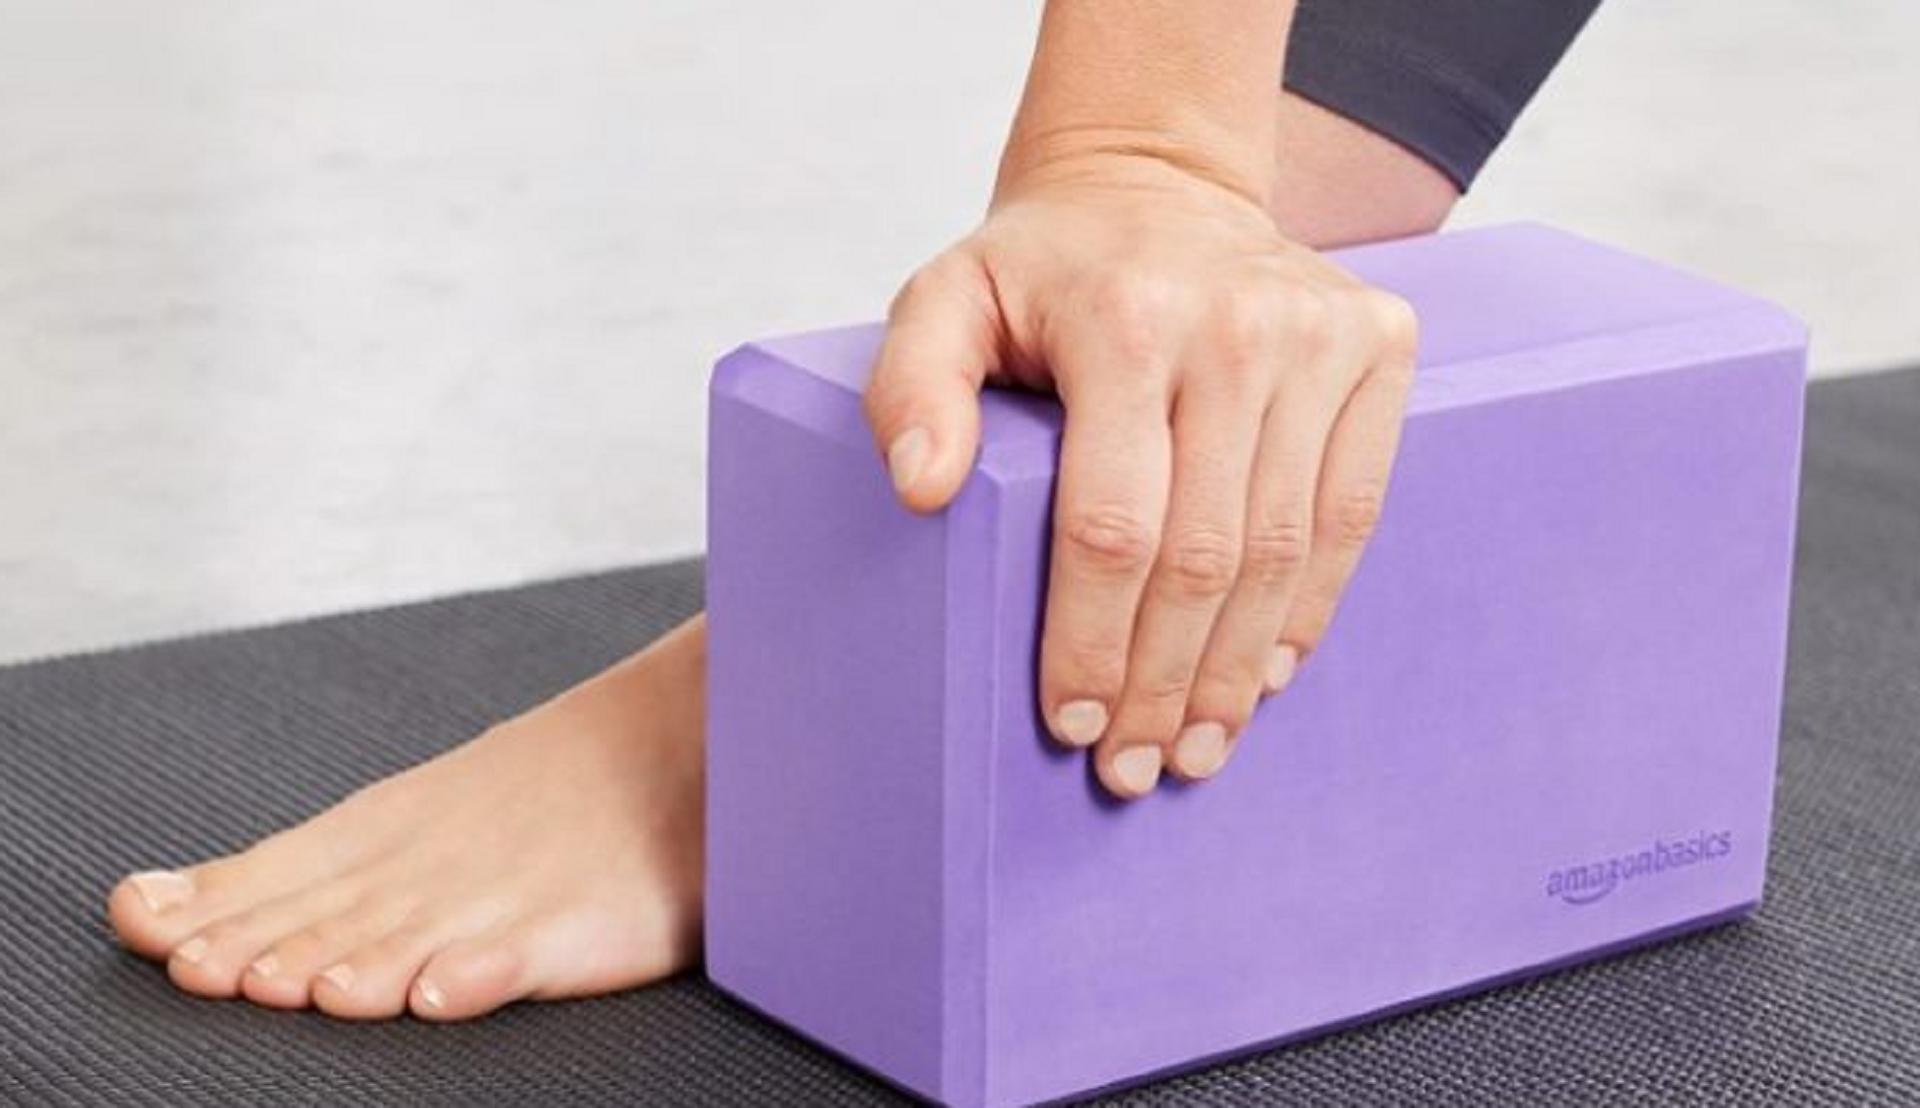 amazon basics yoga block